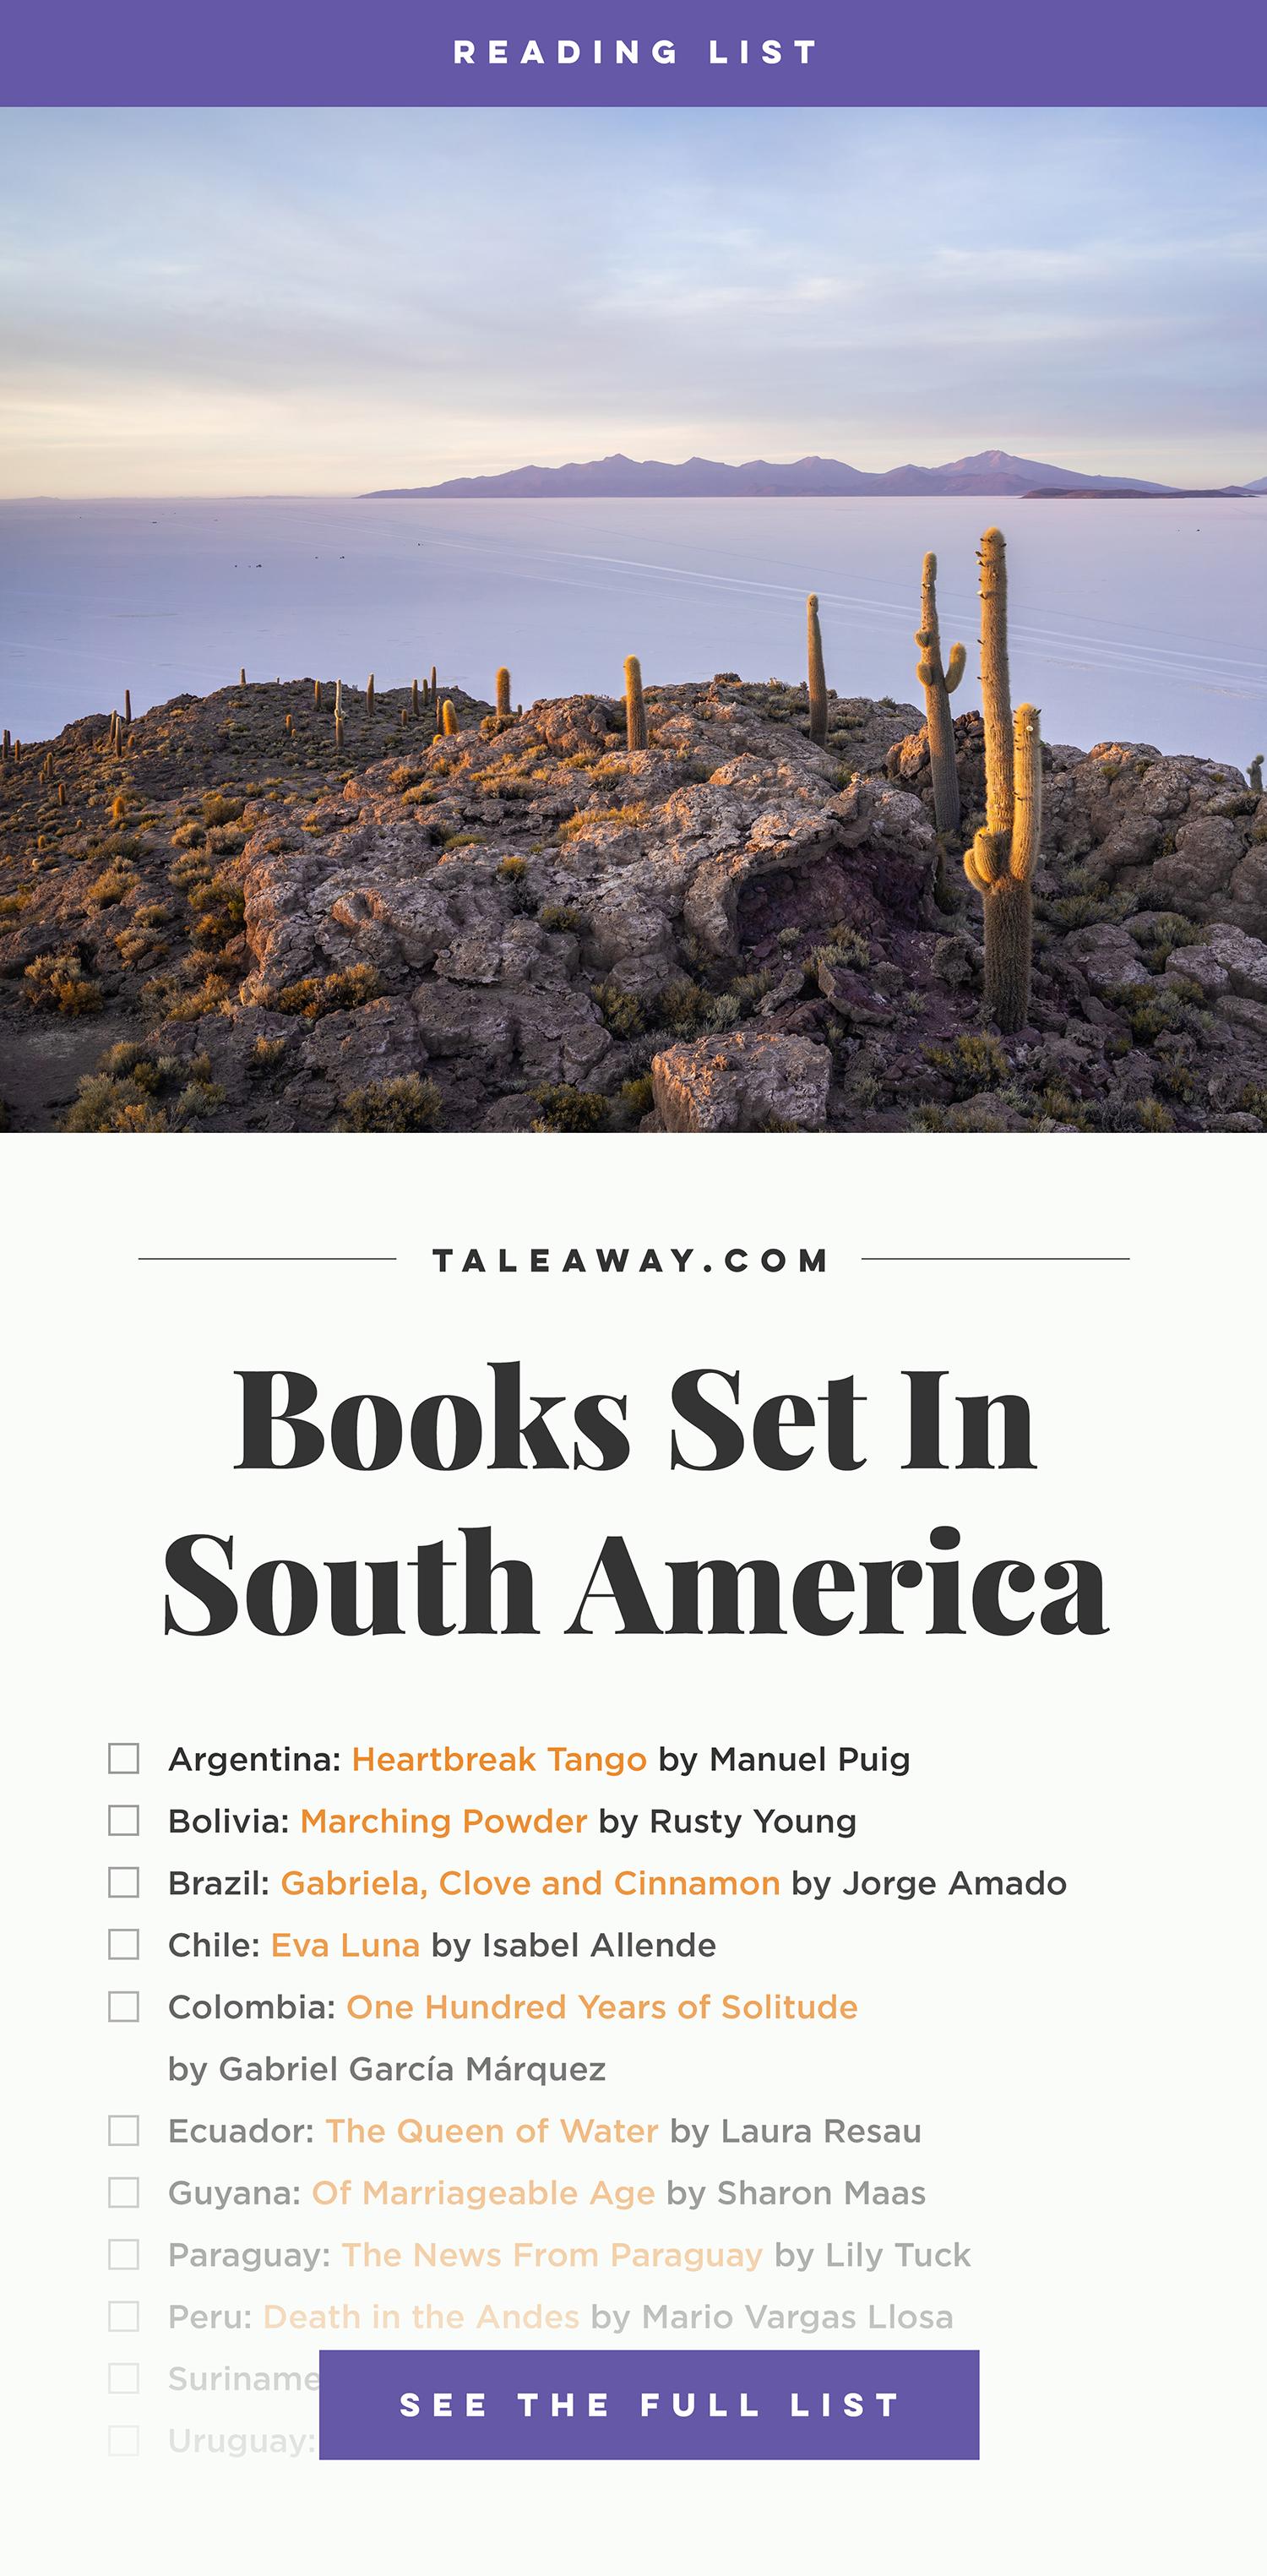 Books Set in South America. south america books, south america novels, south america literature, south america fiction, south american authors, best books set in south america, south american books, popular books set in south america, books about south america, south america reading challenge, south america reading list, south america travel, south america history, south america travel books, south america packing, south america books to read, books to read before going to south america, novels set in south america, books to read about south america